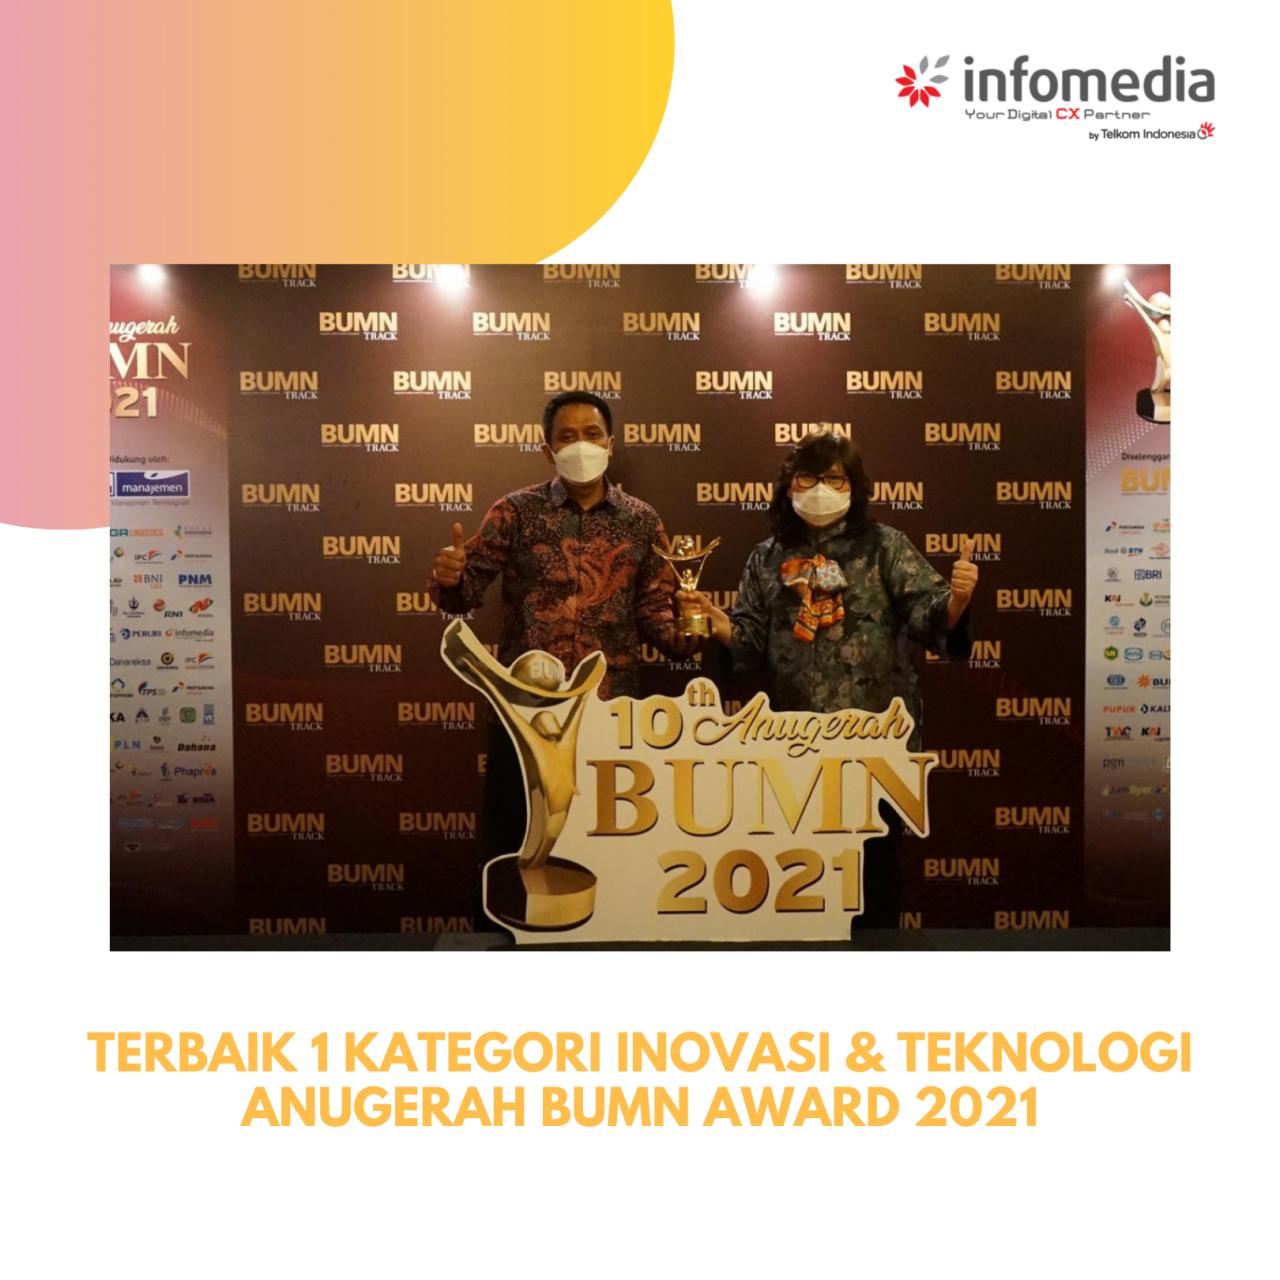 https://www.infomedia.co.id/wp-content/uploads/2021/05/Terbaik-1-Kategori-Inovasi-Teknologi-Anugerah-BUMN-AWARD-2021-1280x1280.png